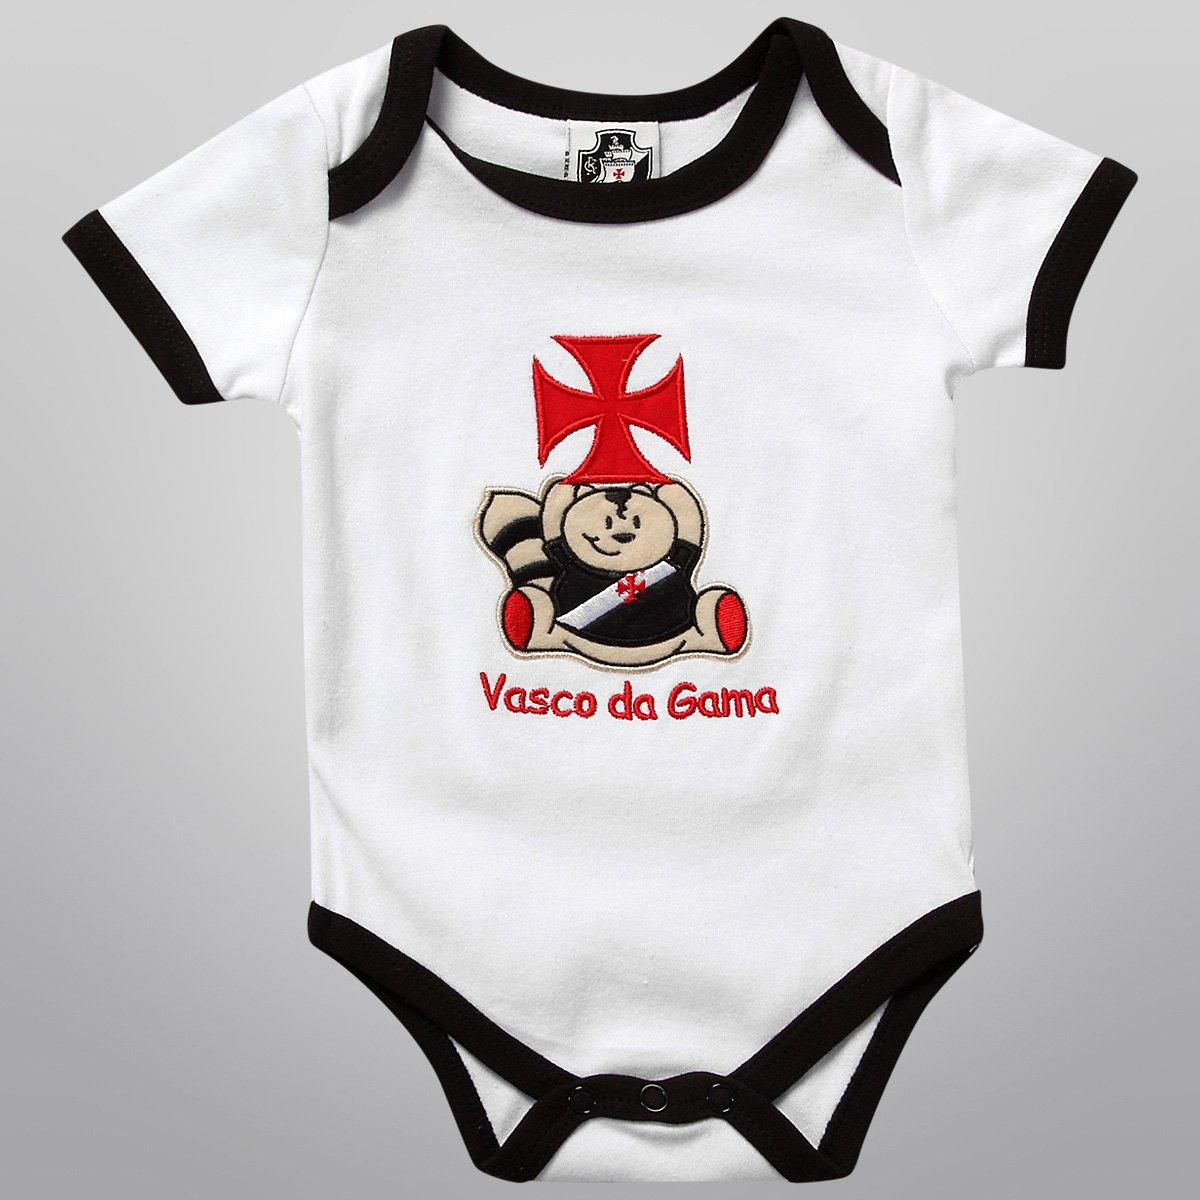 Body Vasco da Gama Infantil - Compre Agora  6104358709013